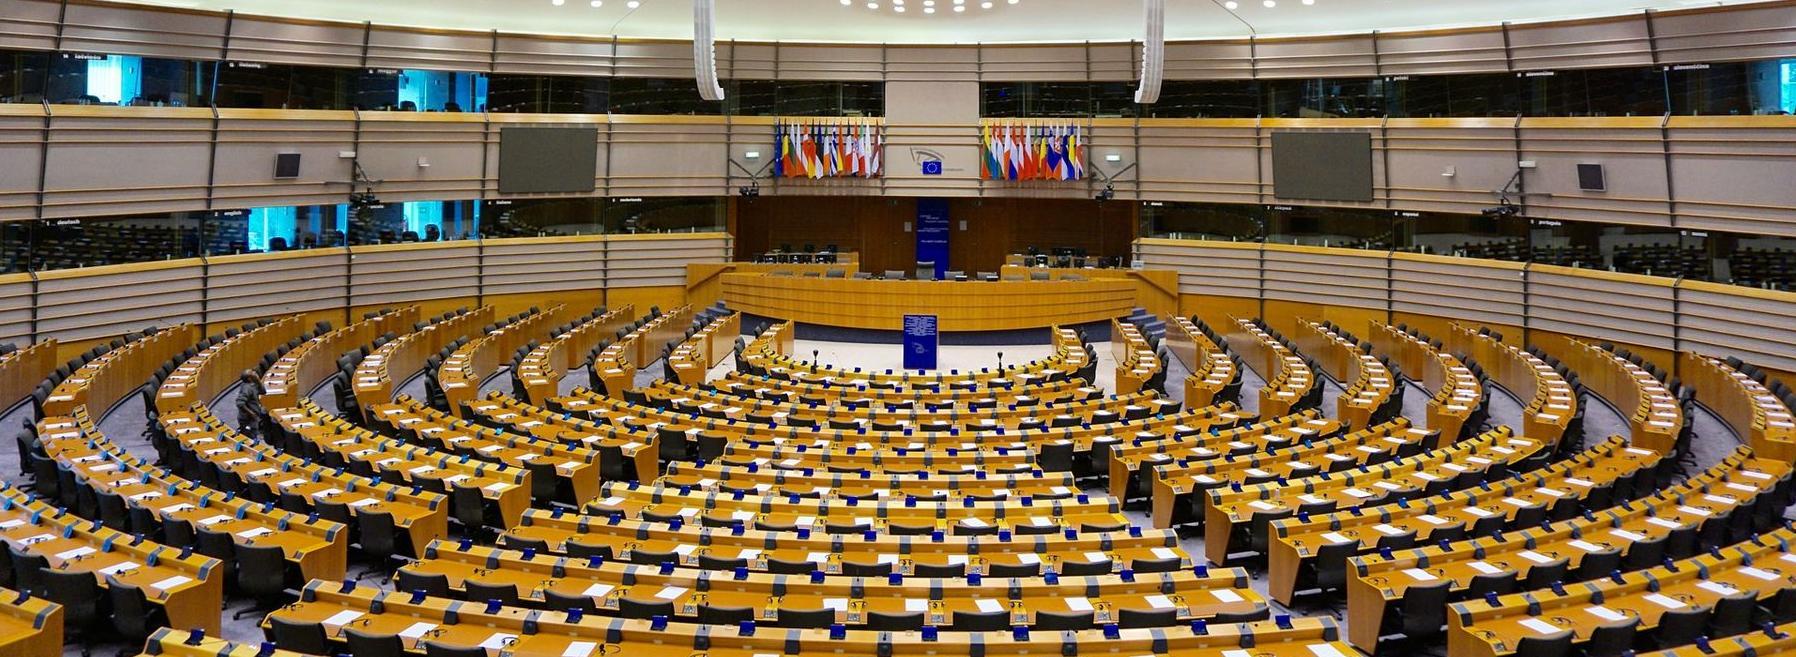 Sitzungssaal Europaparlament europaparlament.jpg